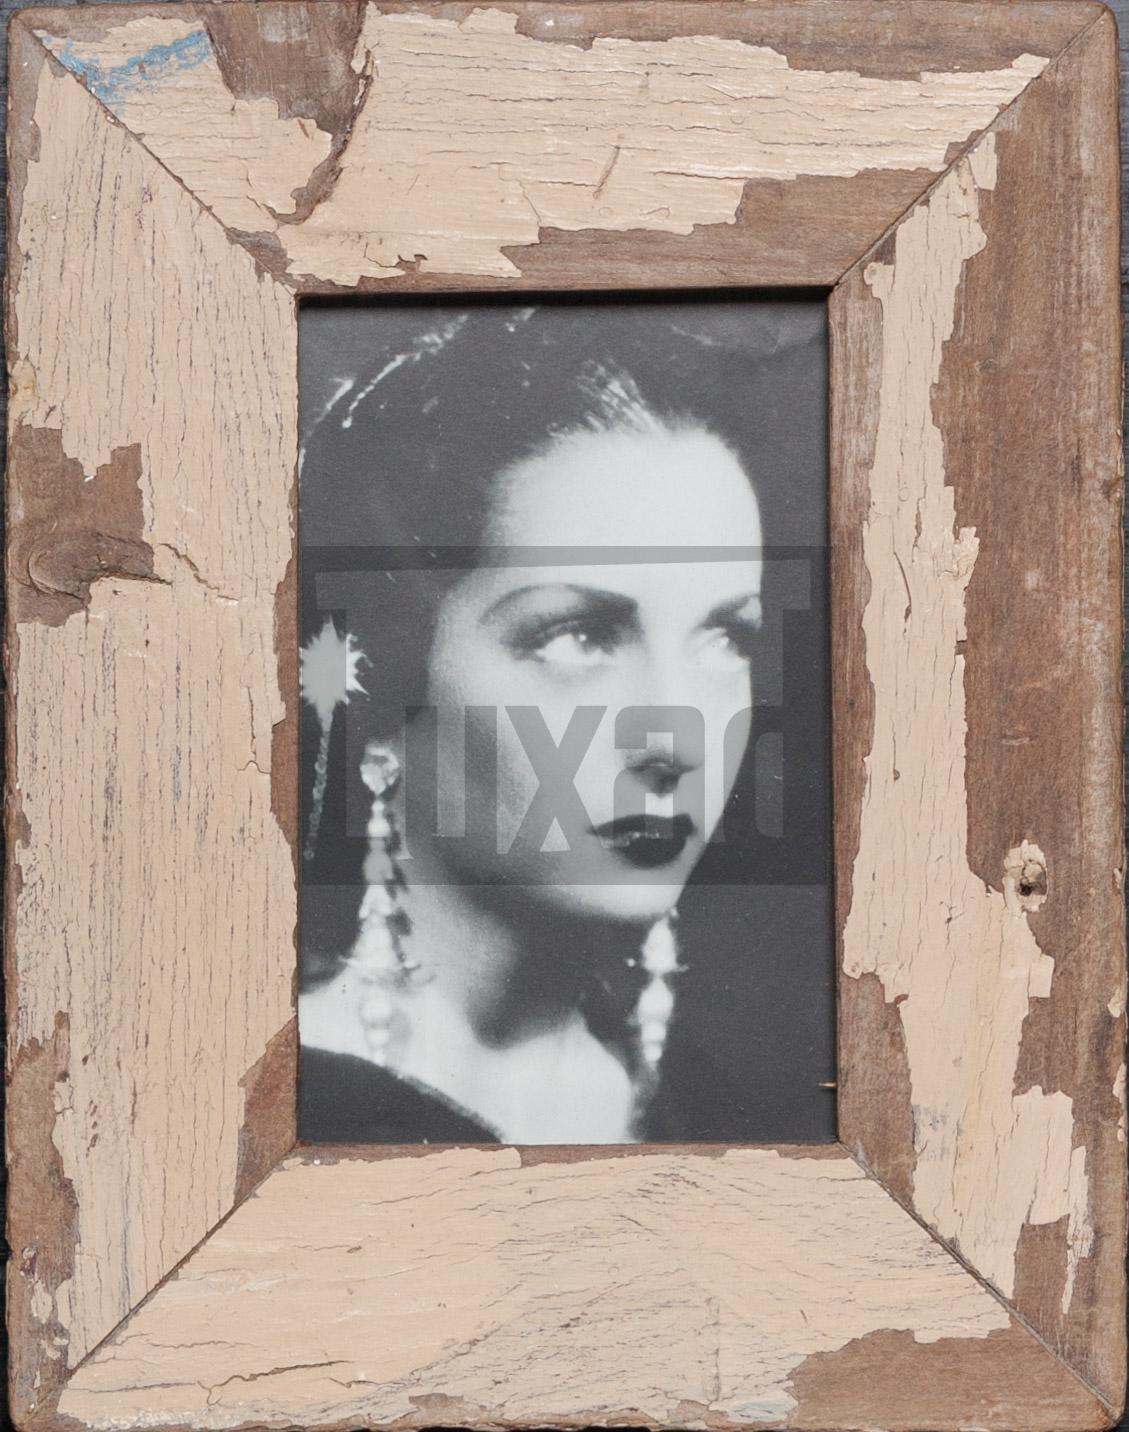 Bilderrahmen aus recyceltem Holz für die Bildgröße 10 x 15 cm